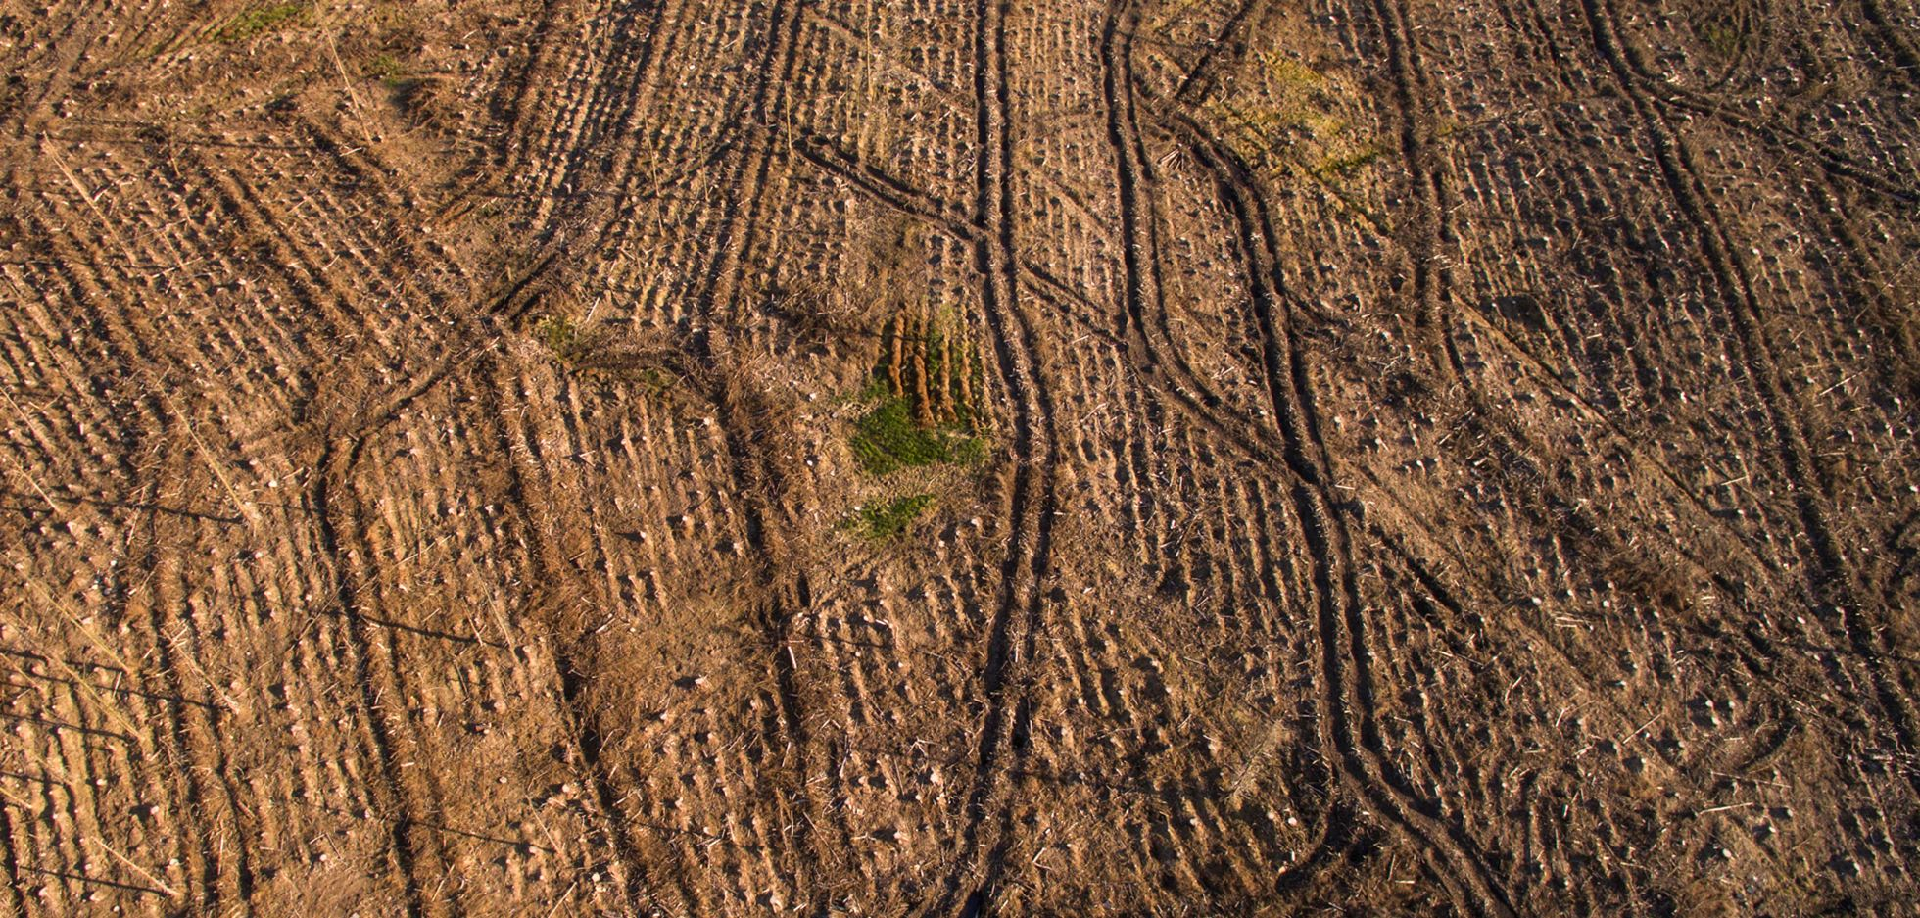 Harvested Plantation